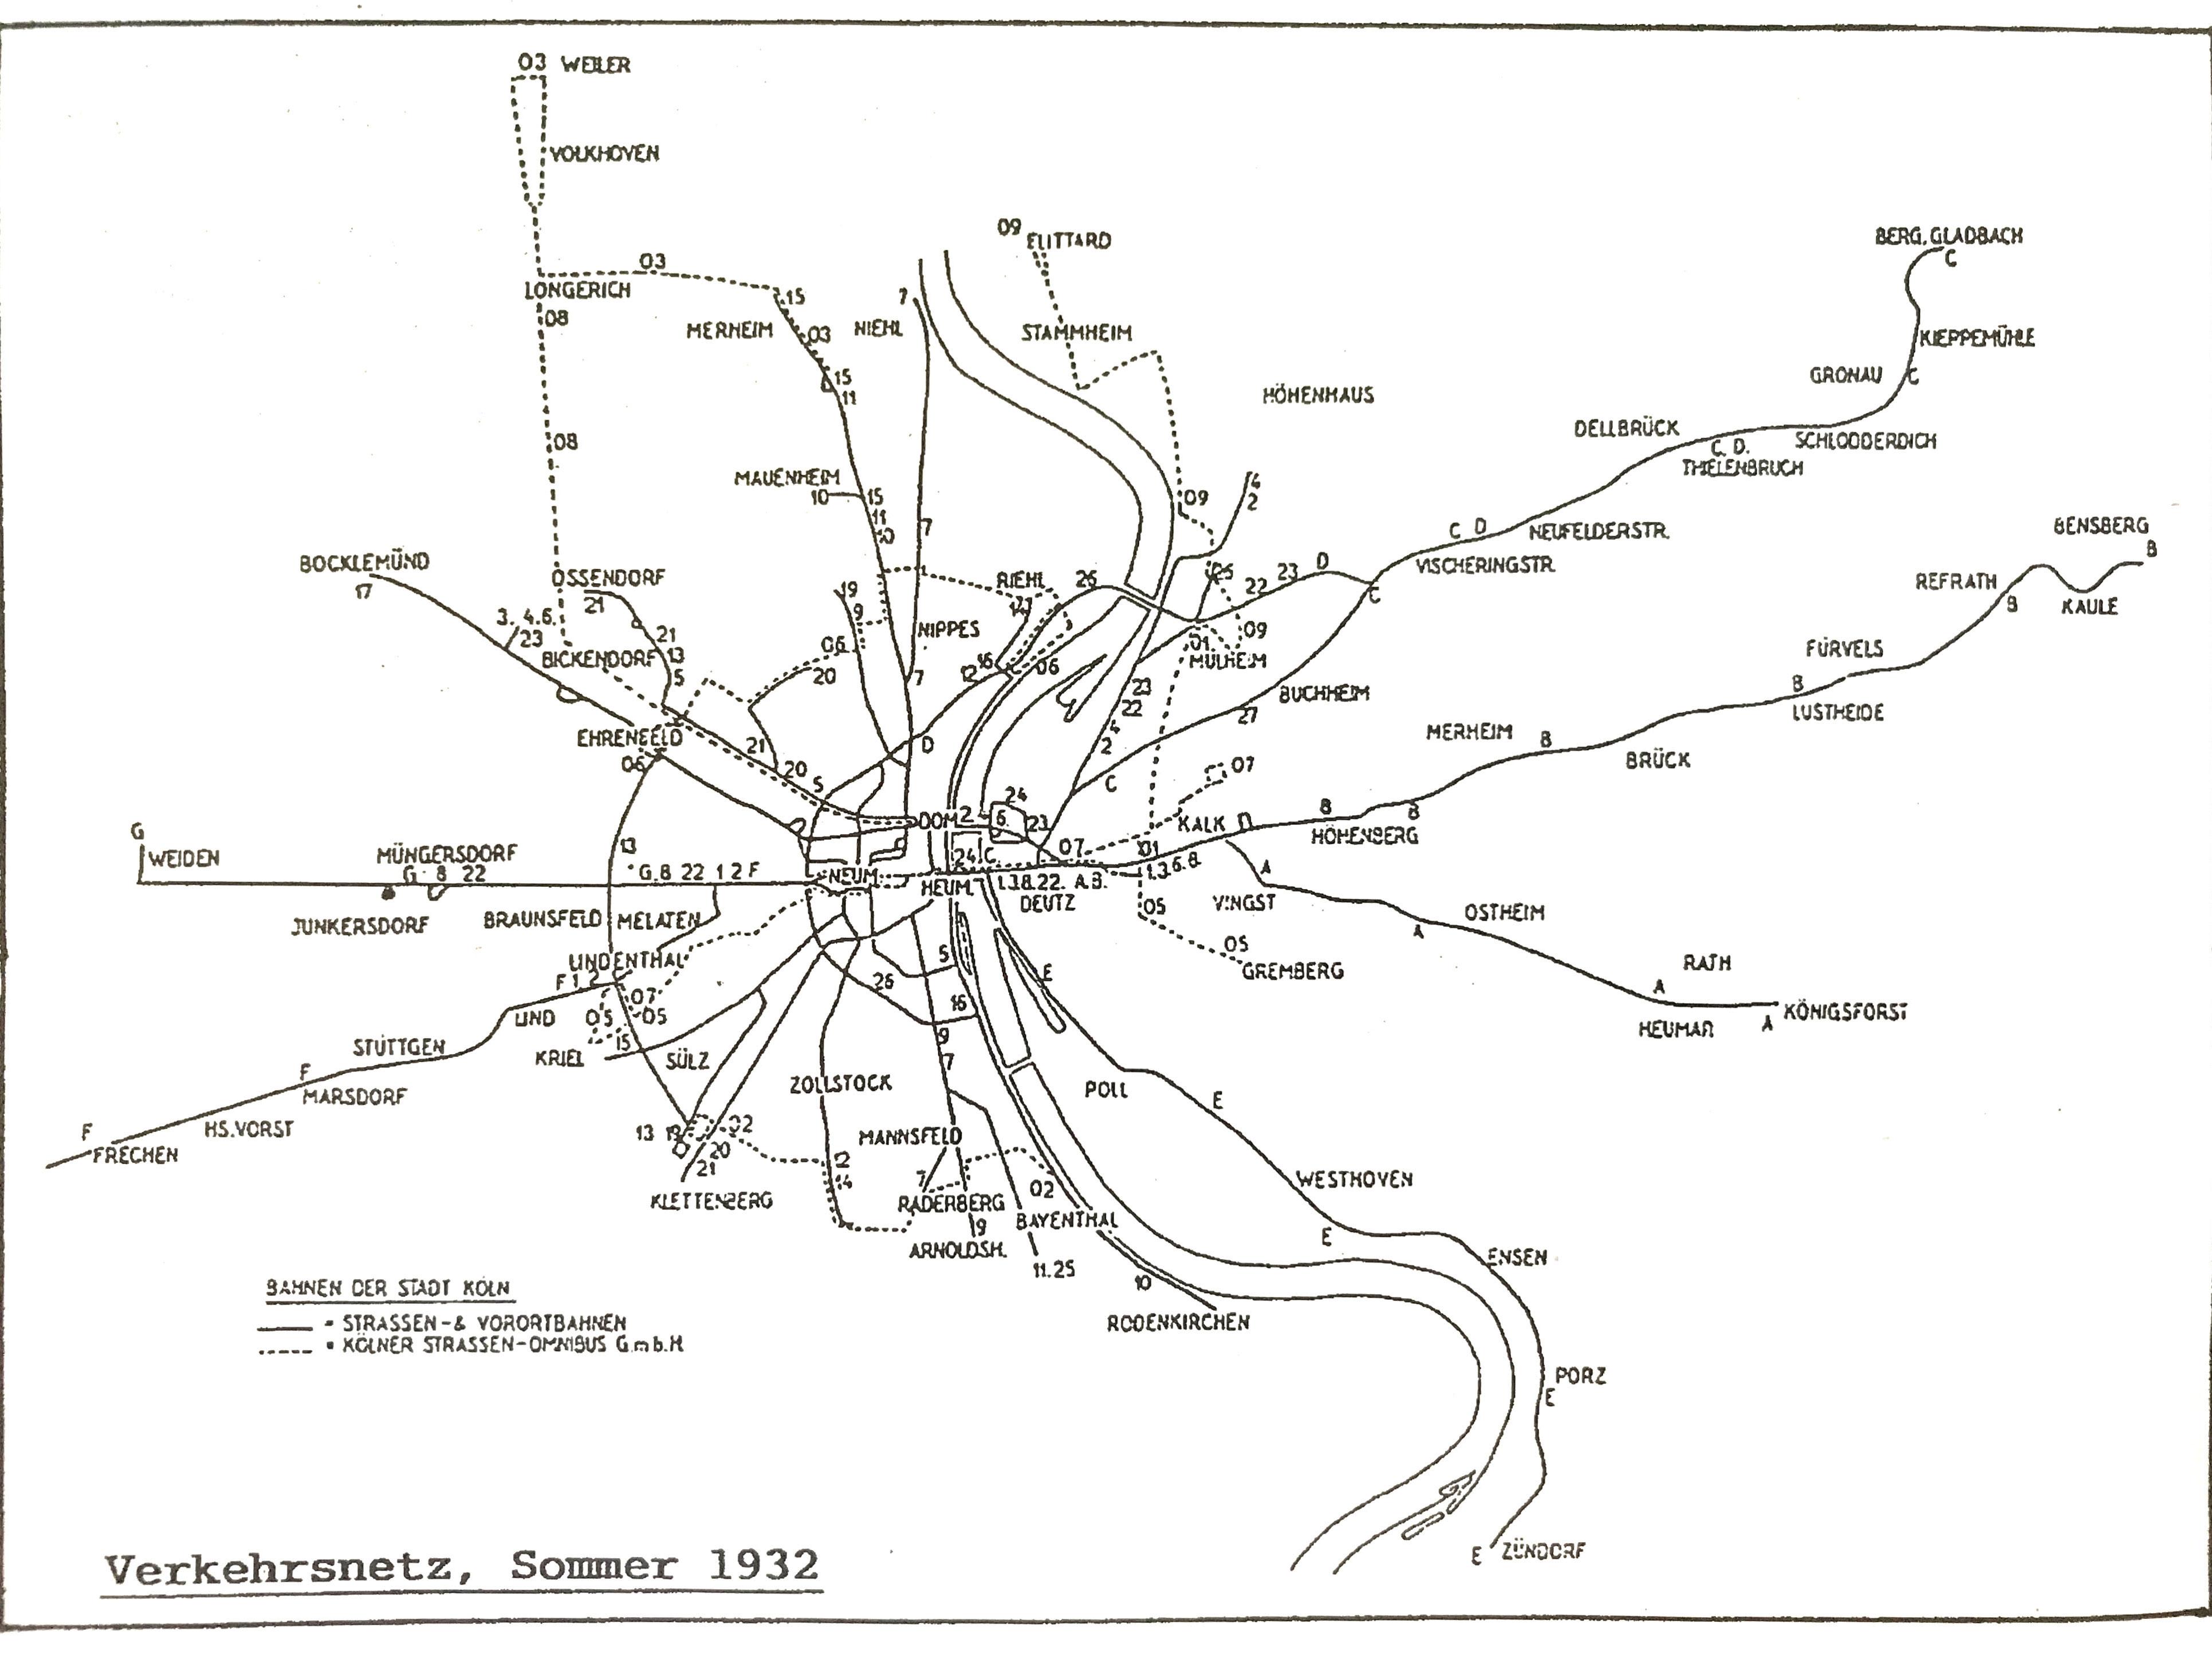 Liniennetzplan von 1932.